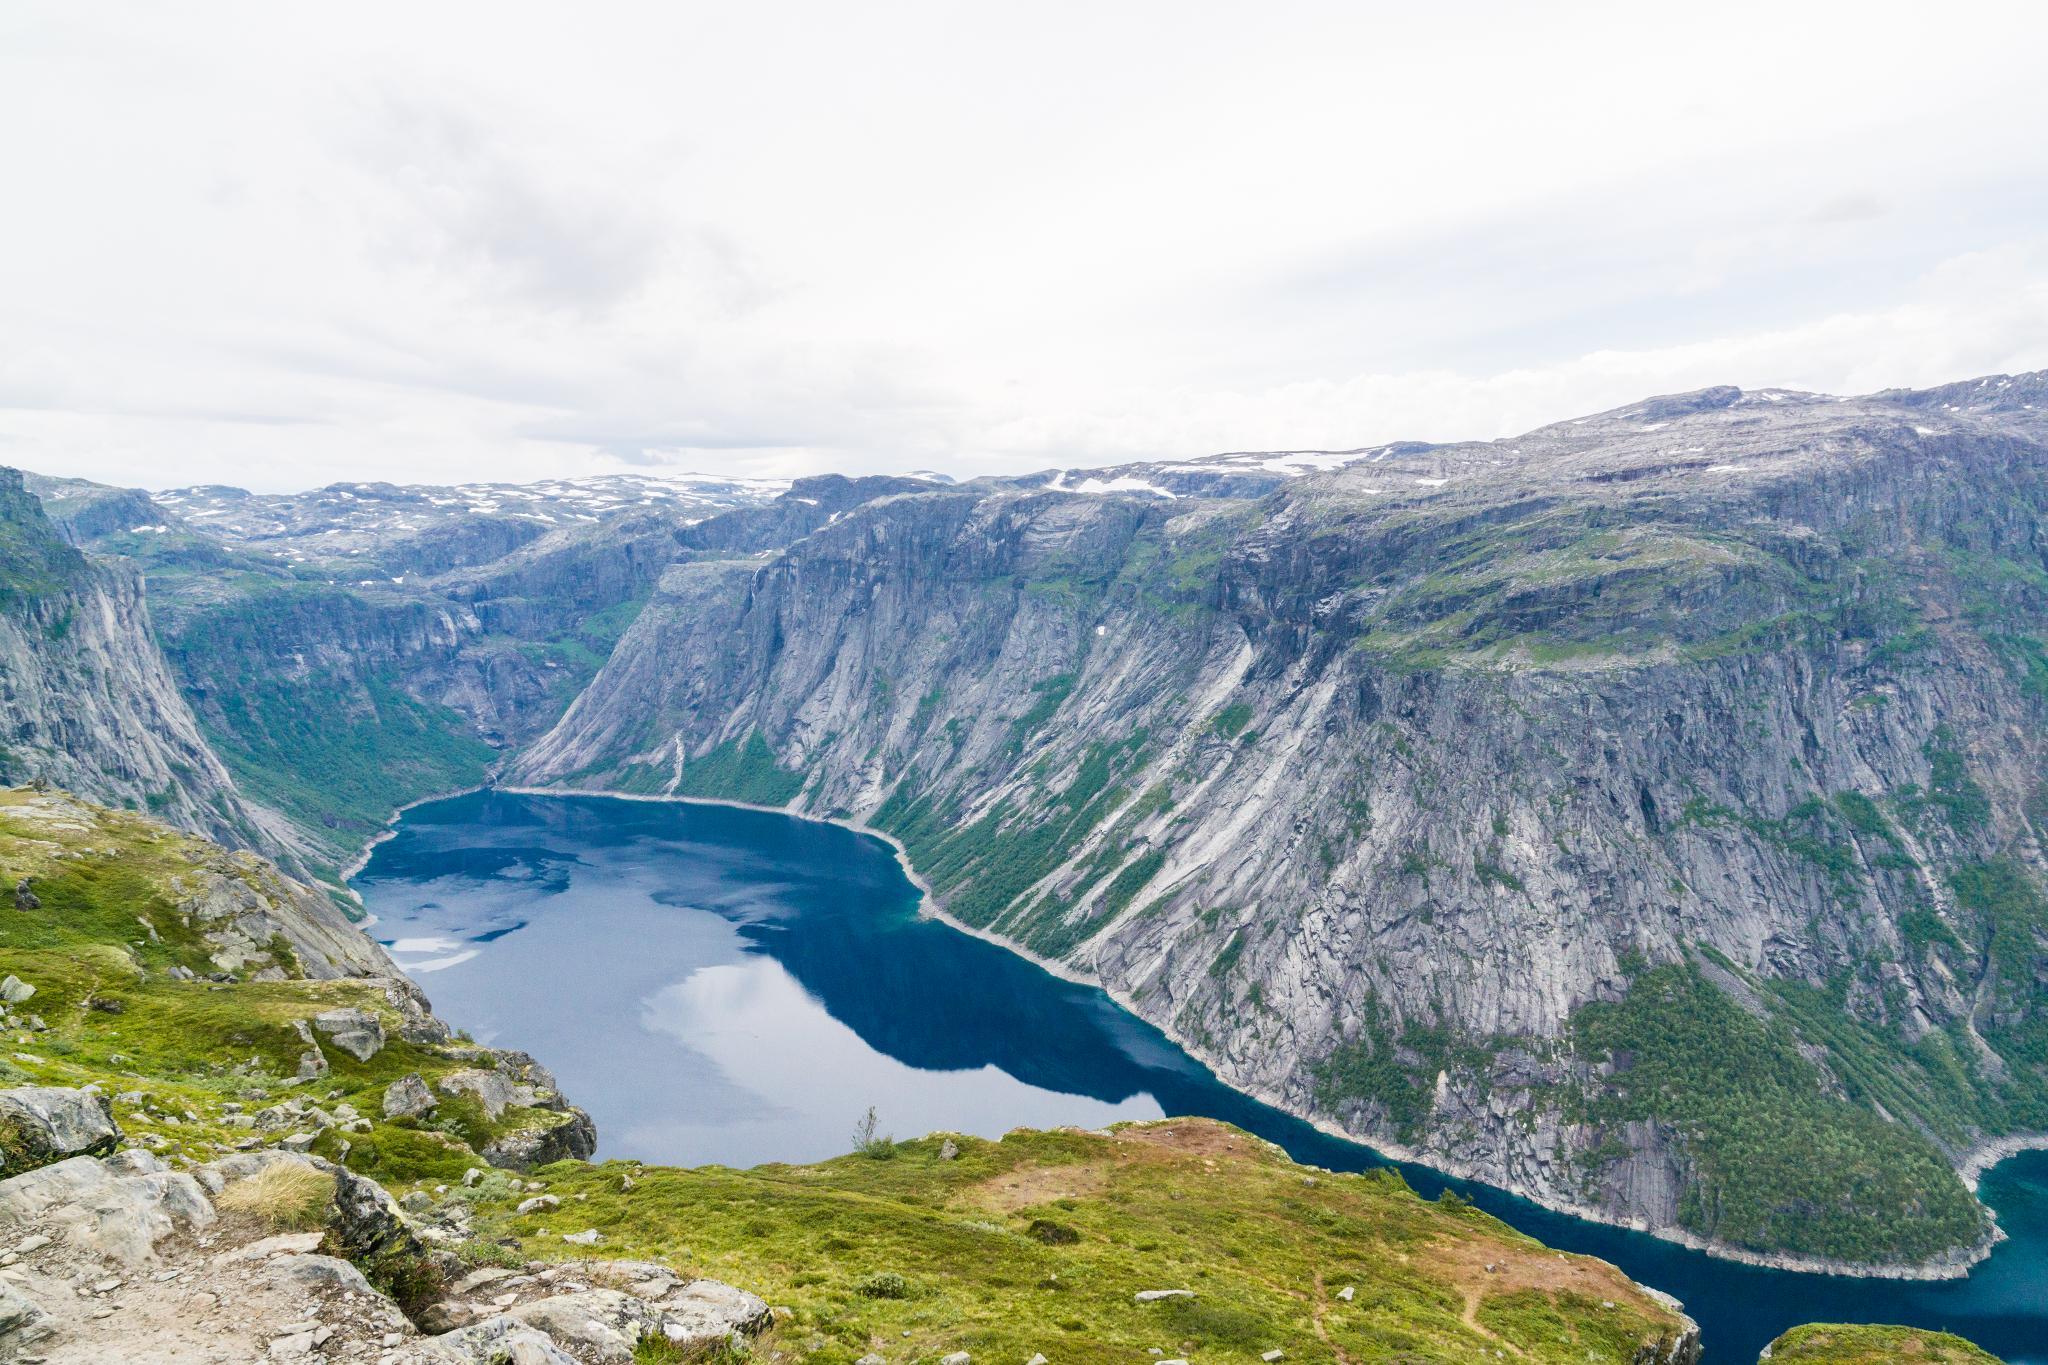 【北歐景點】挪威惡魔之舌 Trolltunga — 28公里健行挑戰全攻略 208